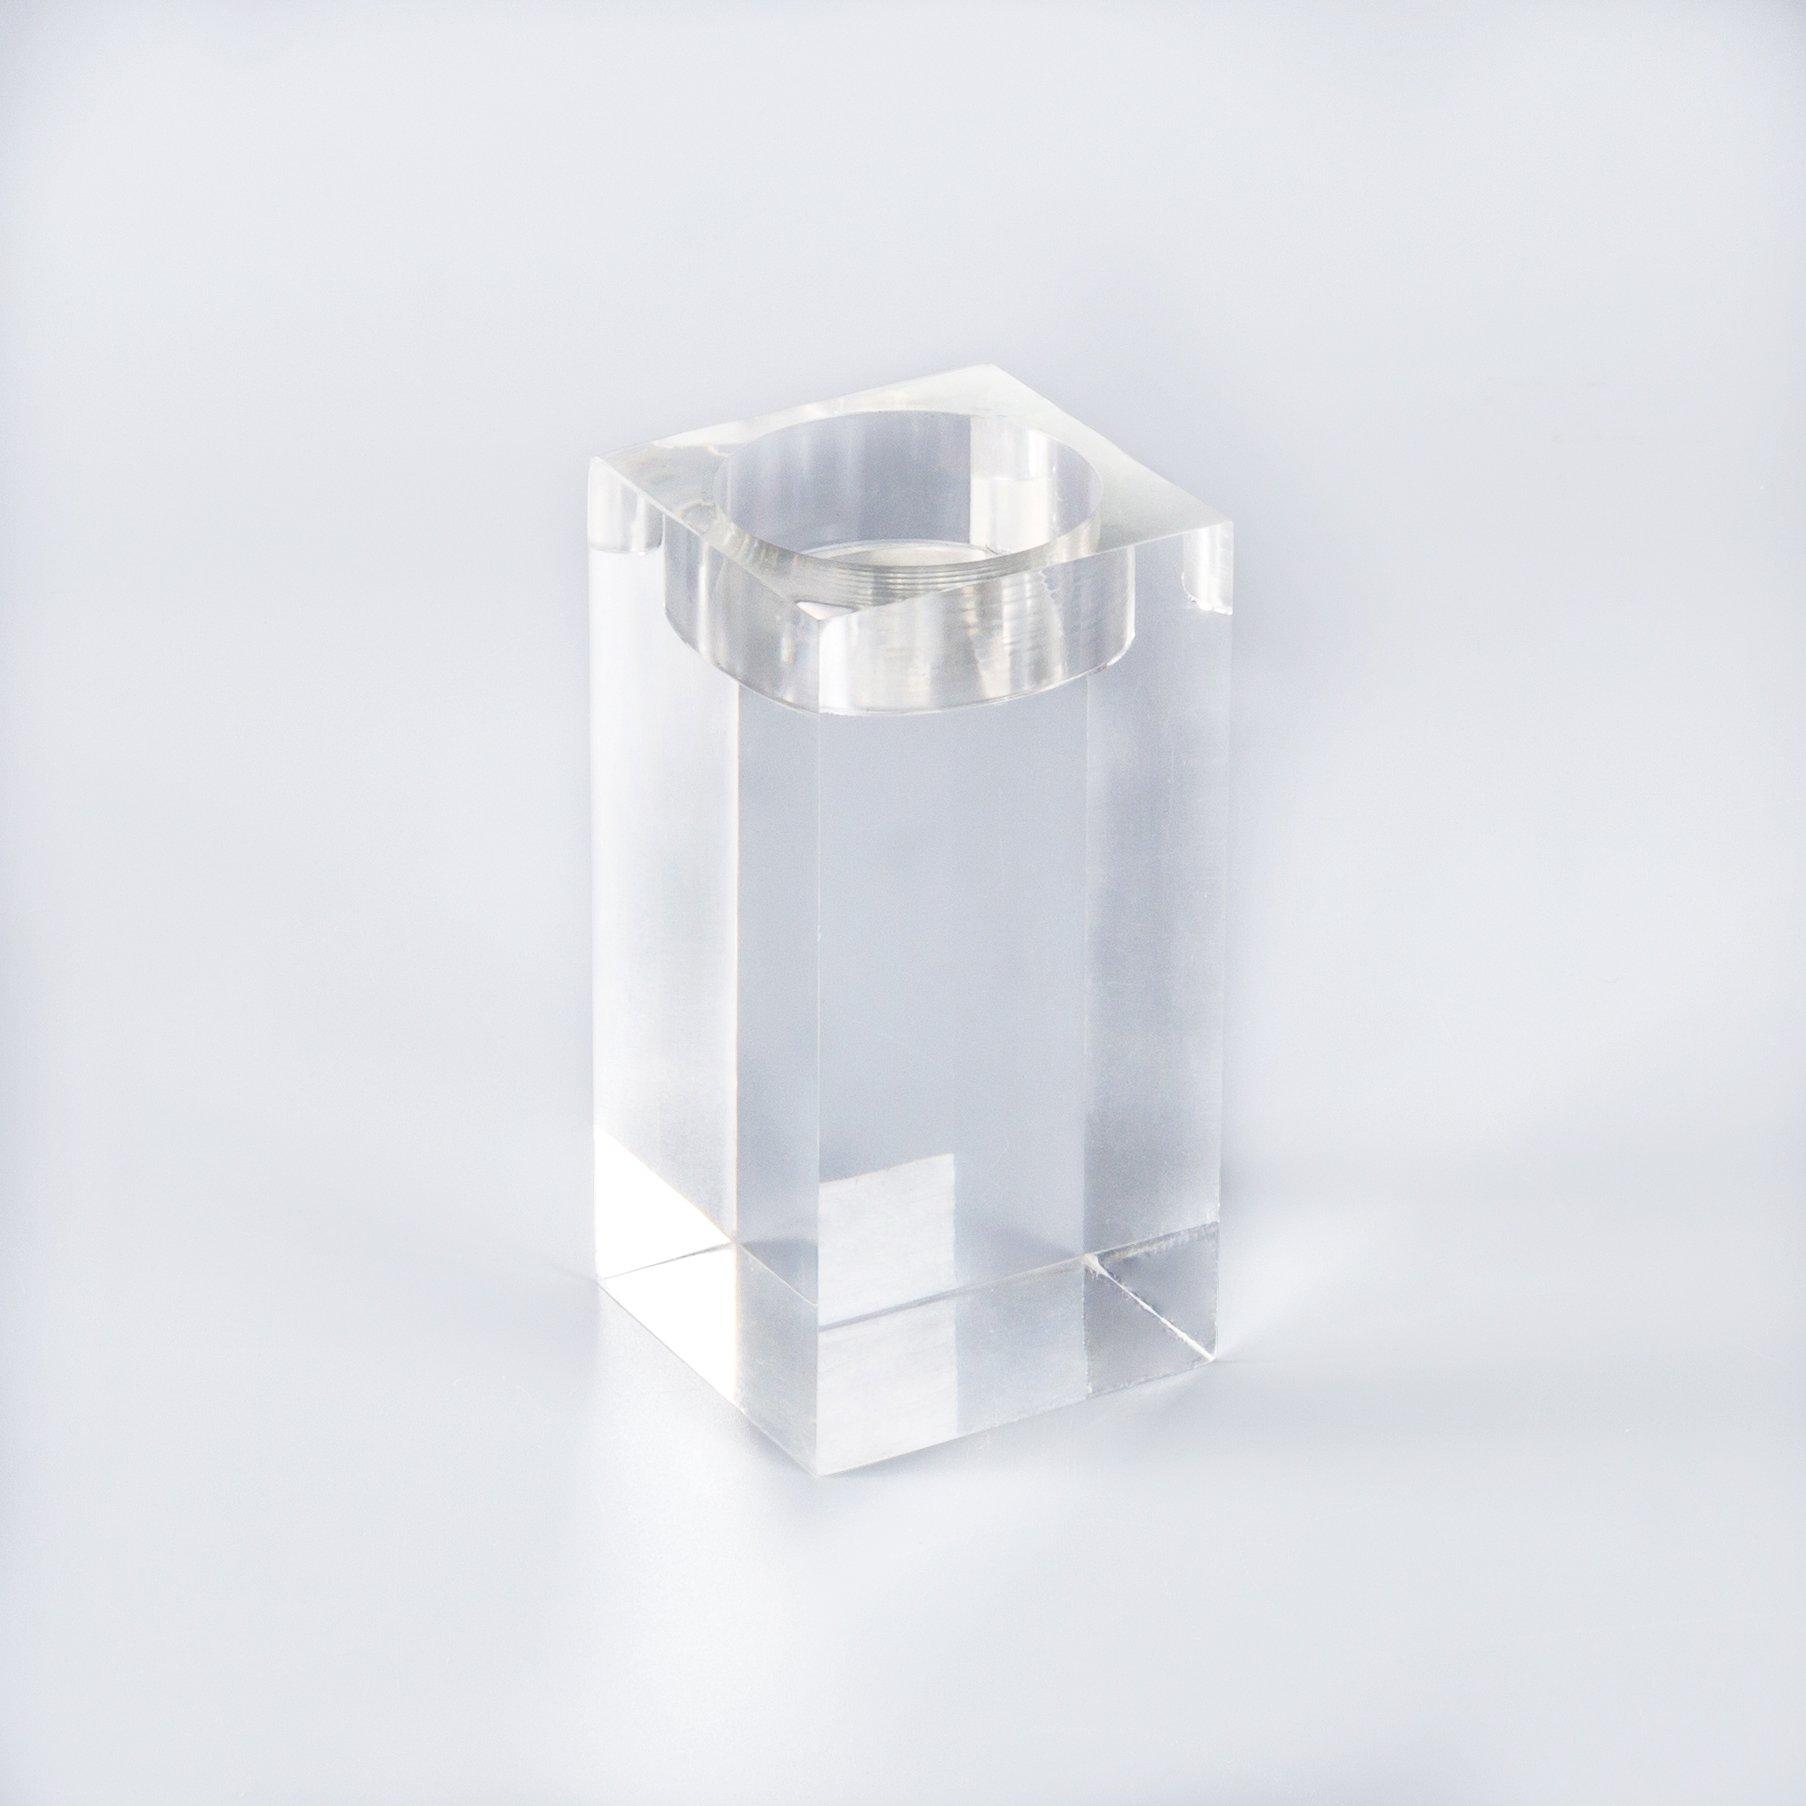 Jelas Transparan Acrylic Lucite Lilin Pemegang Natal Tealight Plastik Akrilik Nazar Lilin Pemegang Kristal untuk Pernikahan